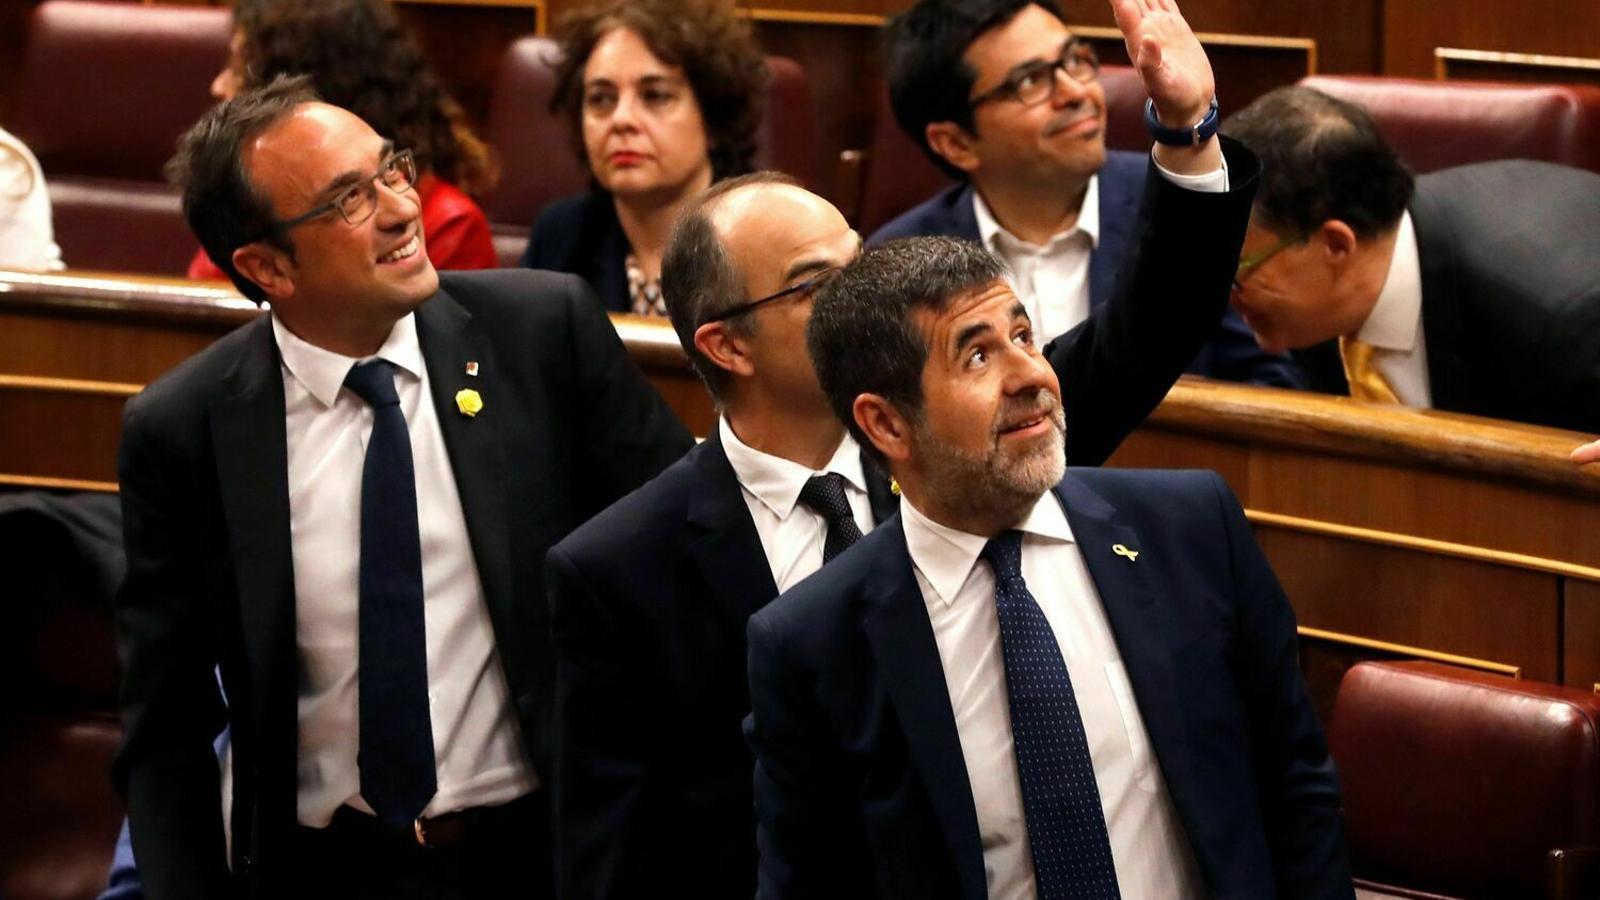 Els diputats suspesos de JxCat, Jordi Sànchez, Josep Rull i Jordi Turull el dia de la sessió constitutiva al Congrés.